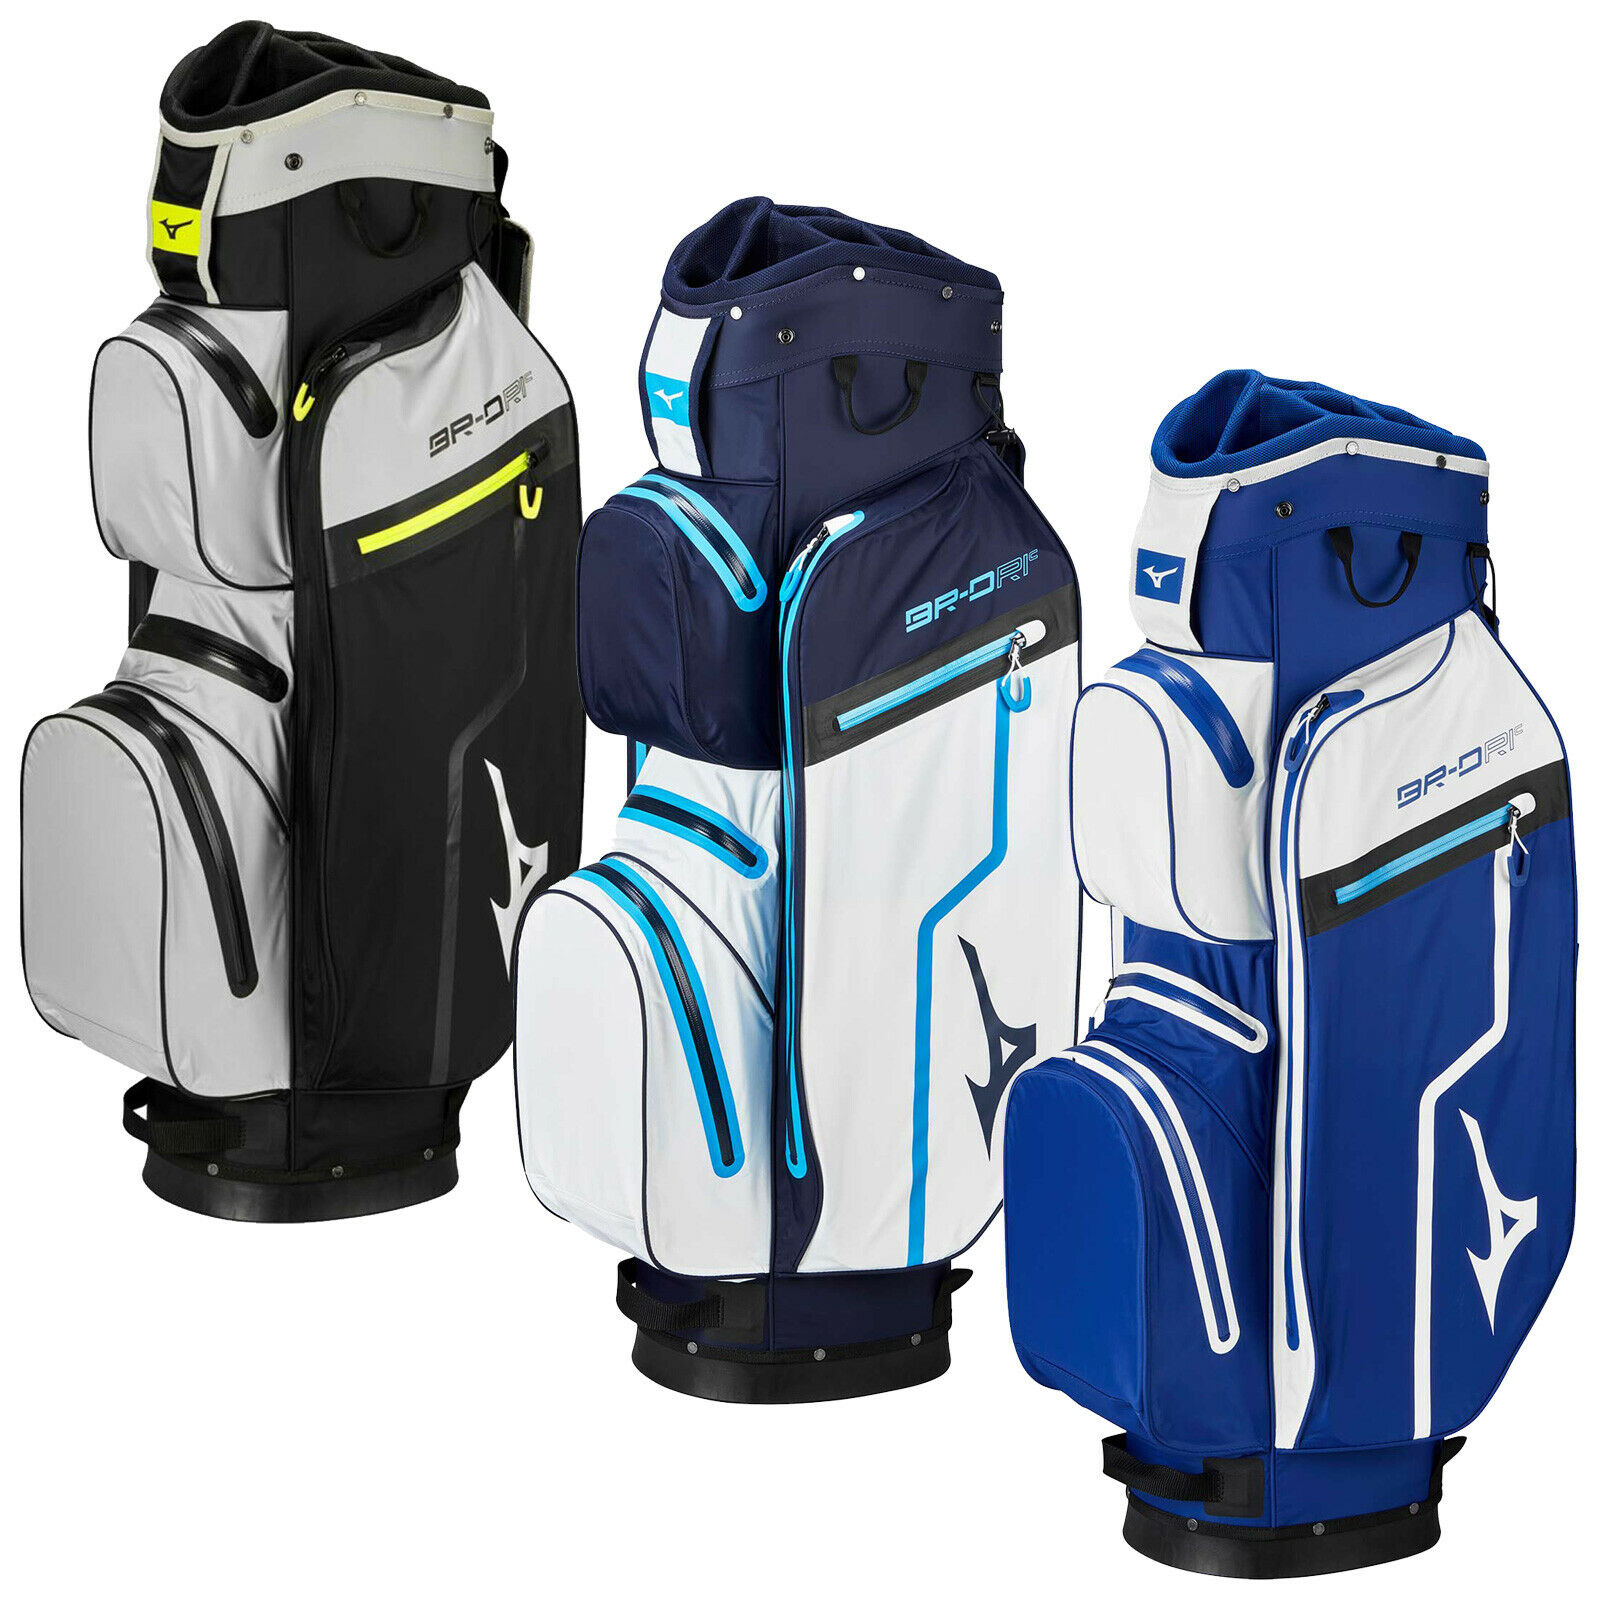 2019 Mizuno Mens BR-DRI Cart Bag Waterproof Full Length Dividers 14 Way